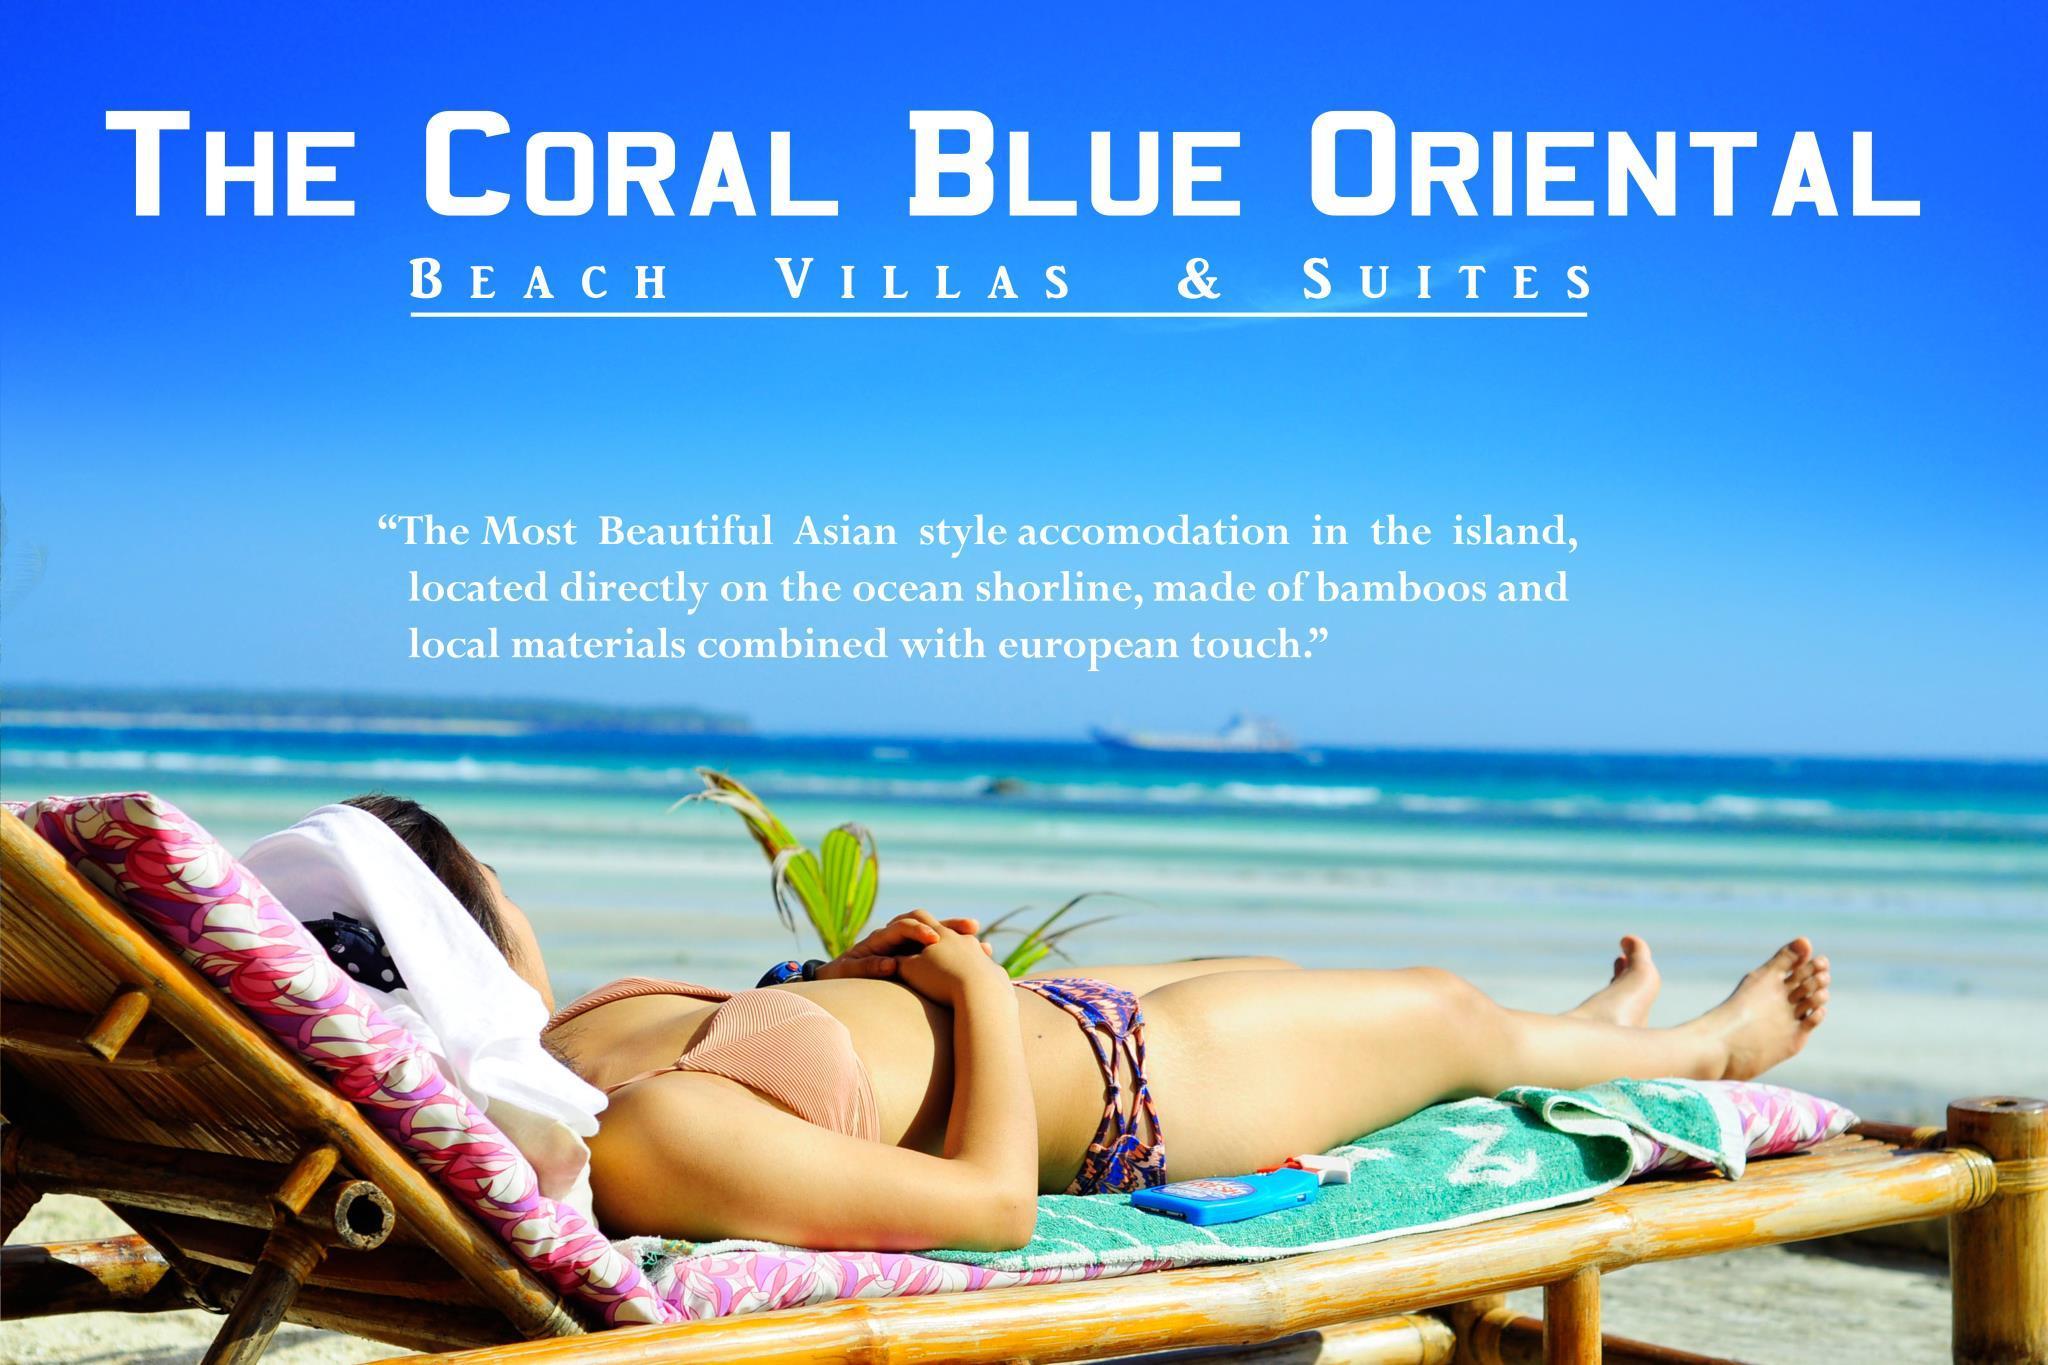 The Coral Blue Oriental Villas & Suites, Santa Fe